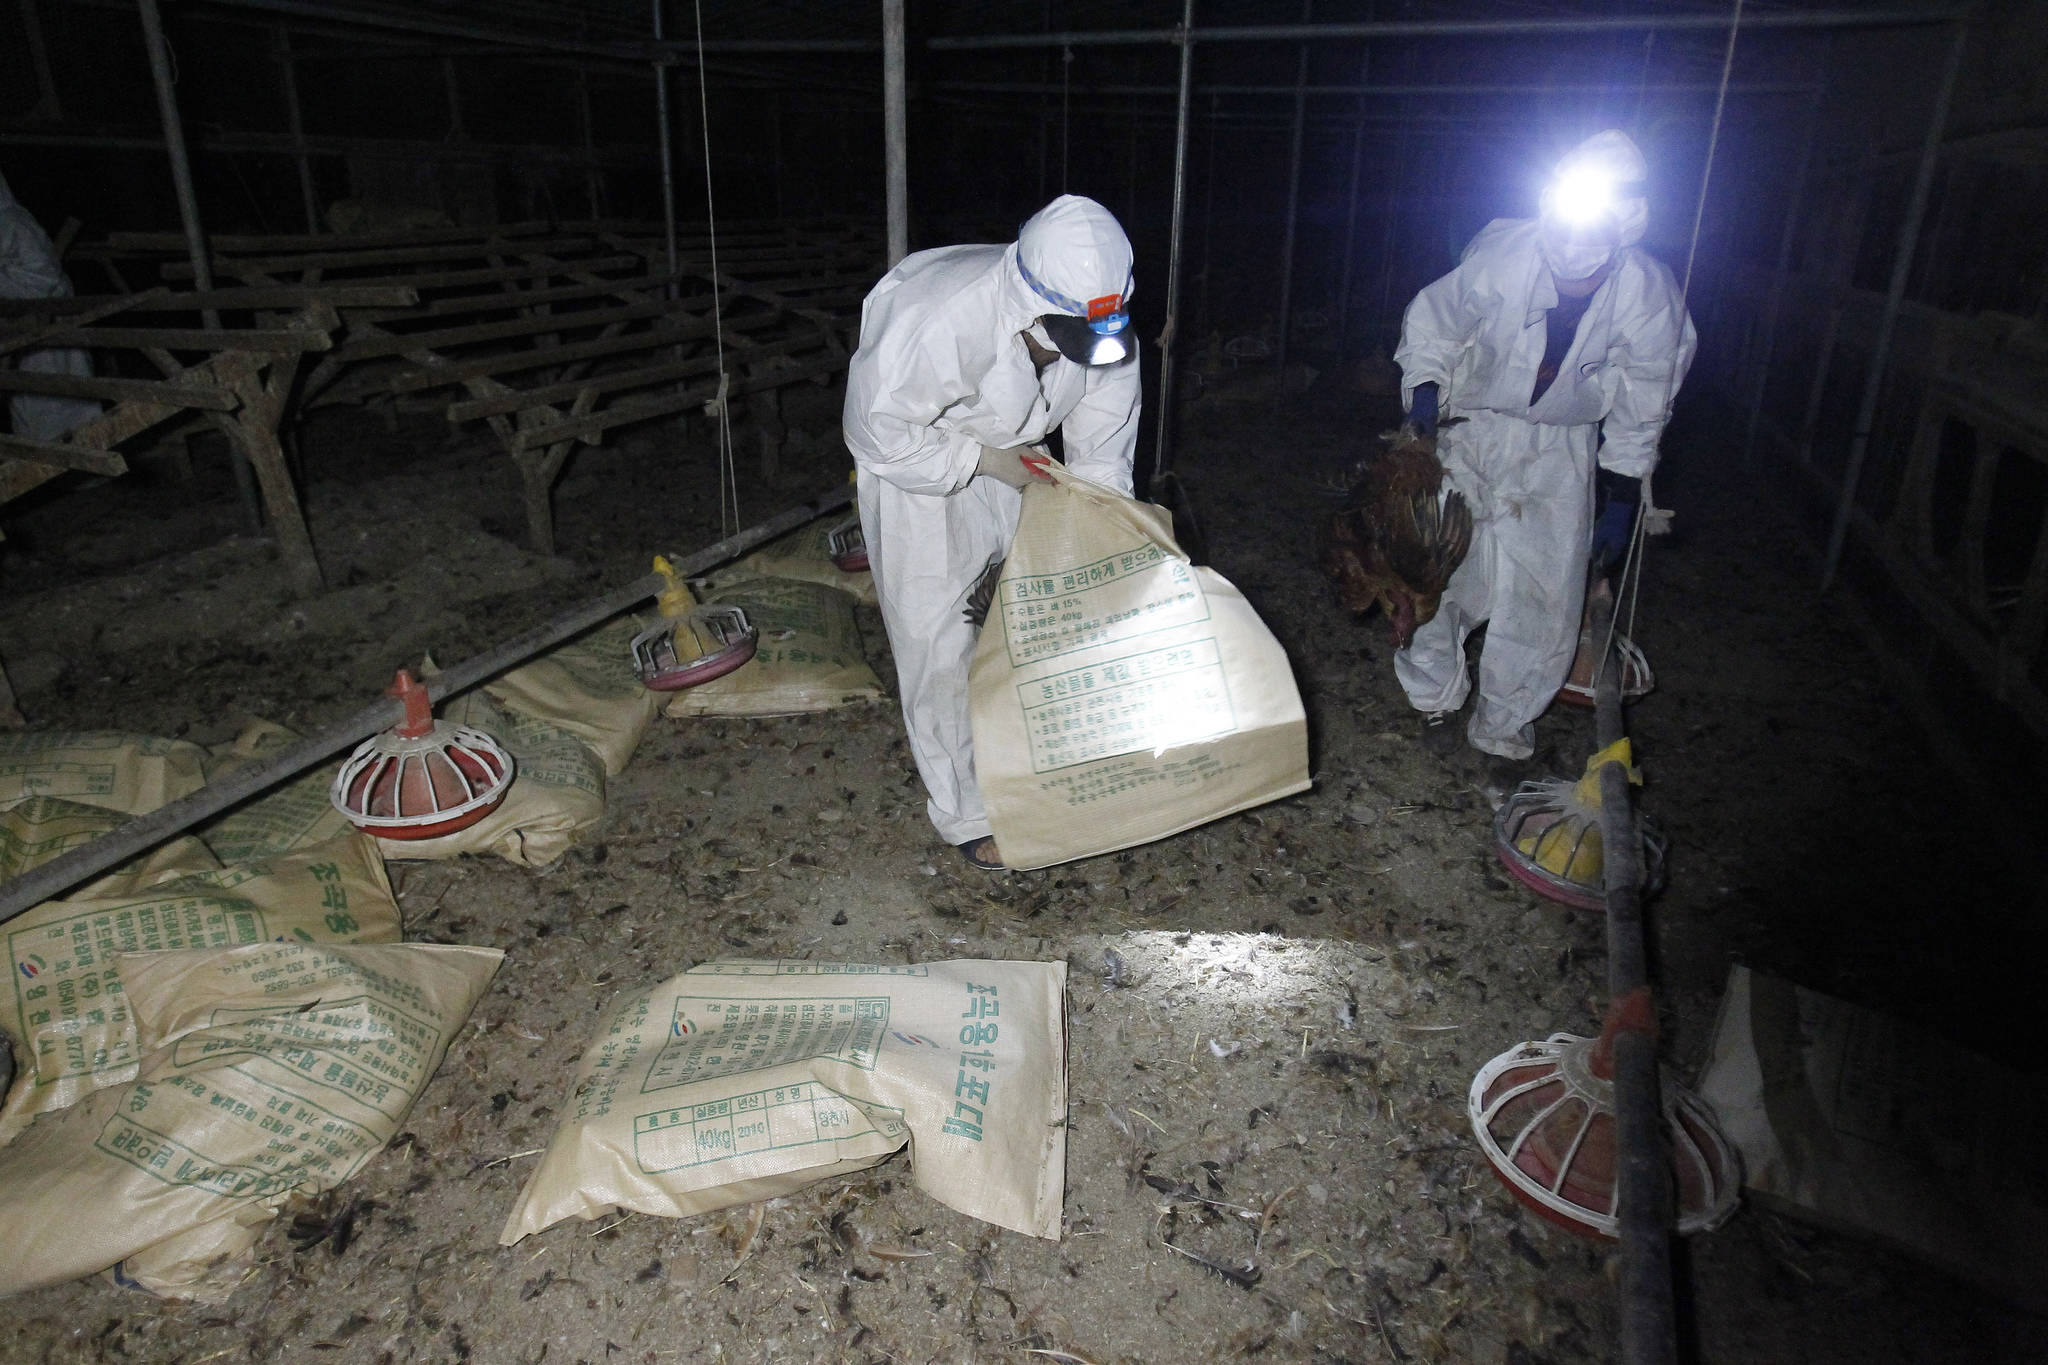 지난 8월 계란과 닭에서 모두 DDT(디클로로디페닐트라클로로에탄) 성분이 검출됐던 경북 영천의 토종닭 사육농장에서 닭 폐기작업이 진행되고 있다. 프리랜서 공정식